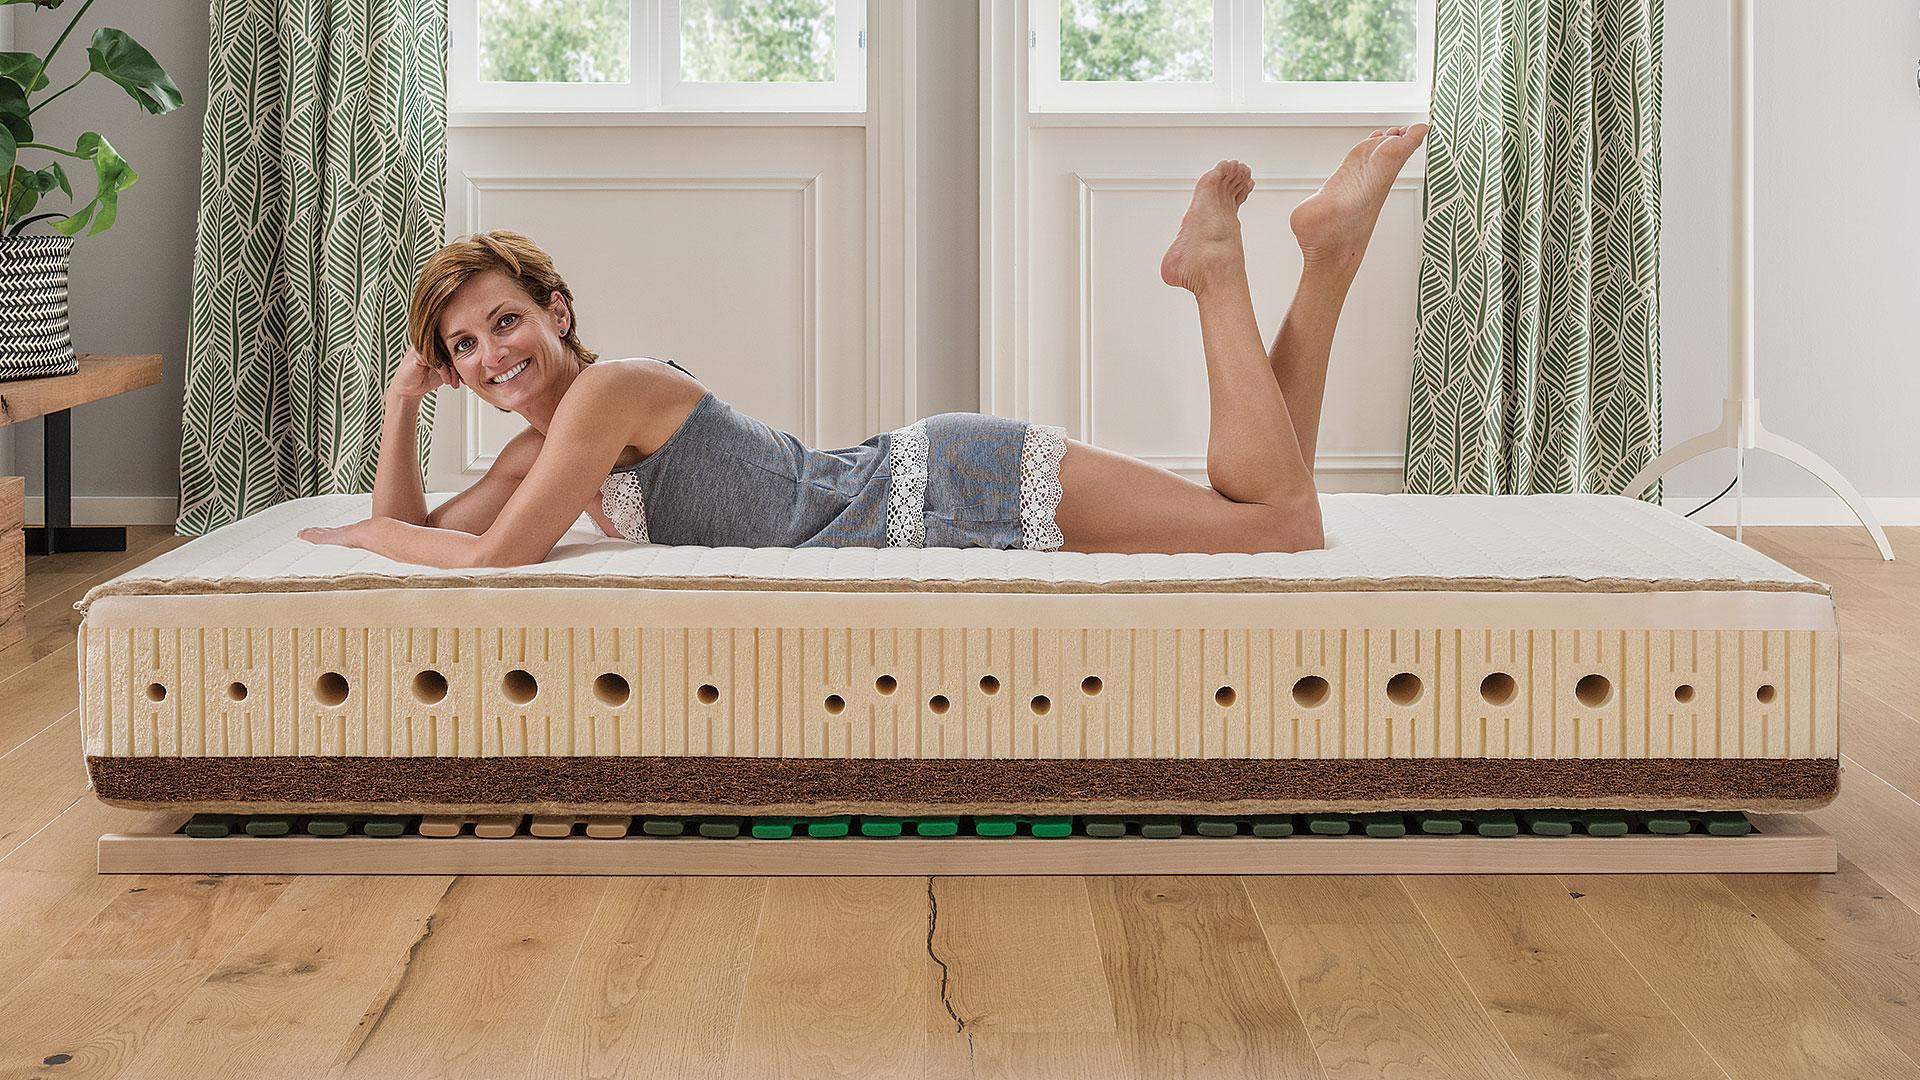 naturlatex matratze bella maxima. Black Bedroom Furniture Sets. Home Design Ideas